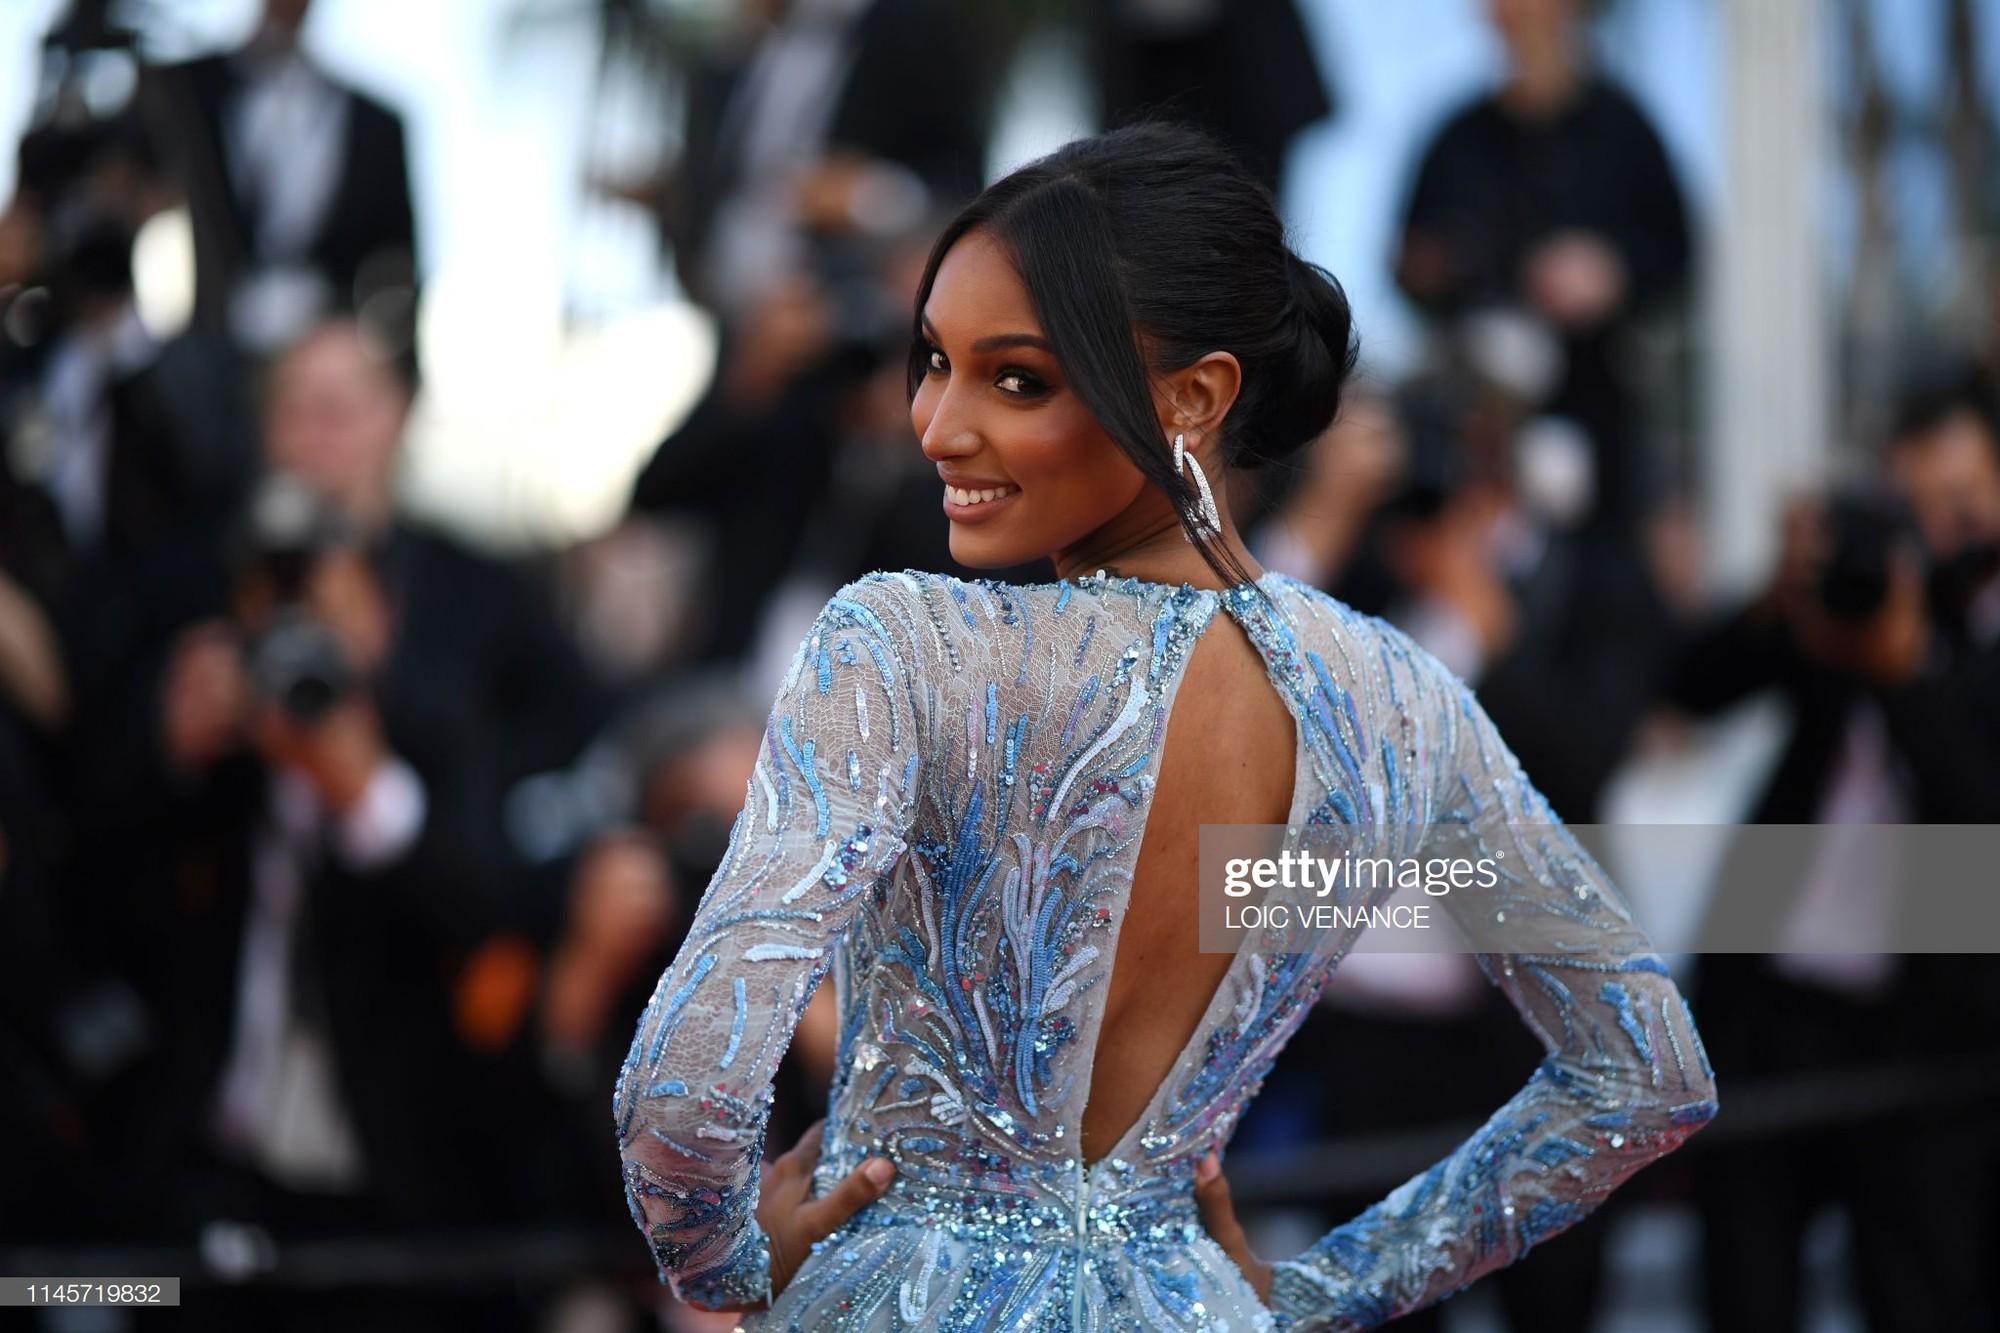 Thảm đỏ Cannes ngày 10: Các người đẹp thả rông ngực, cố tình làm trò lố vẫn bị truyền thông ngó lơ - Ảnh 9.